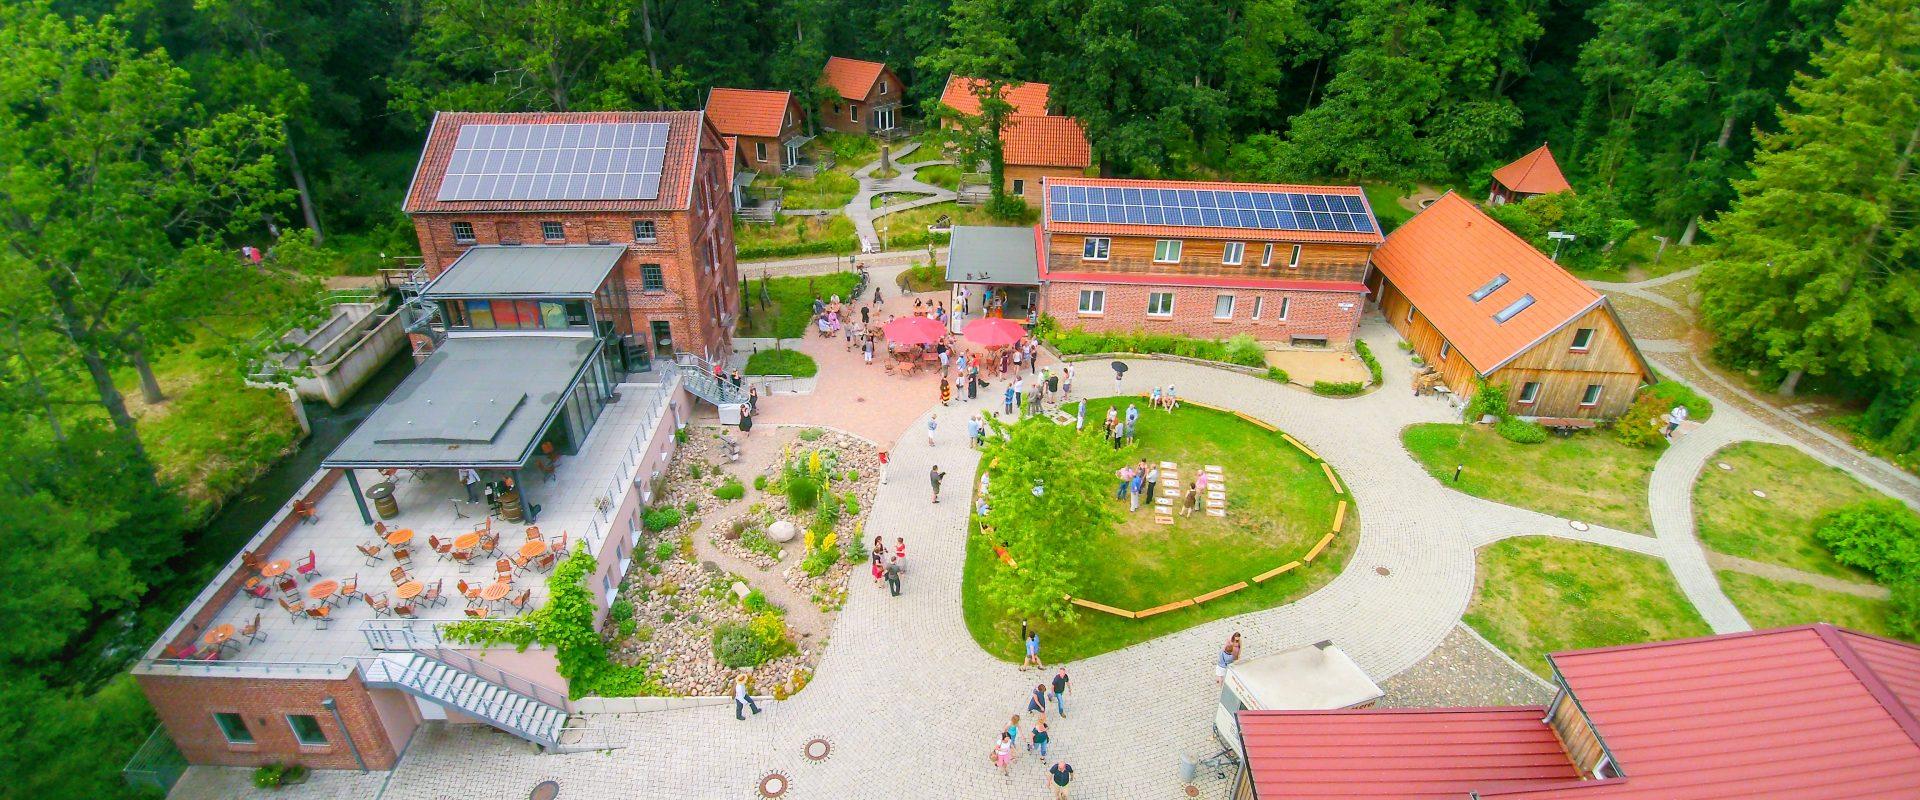 Jahreswechsel in der Woltersburger Mühle